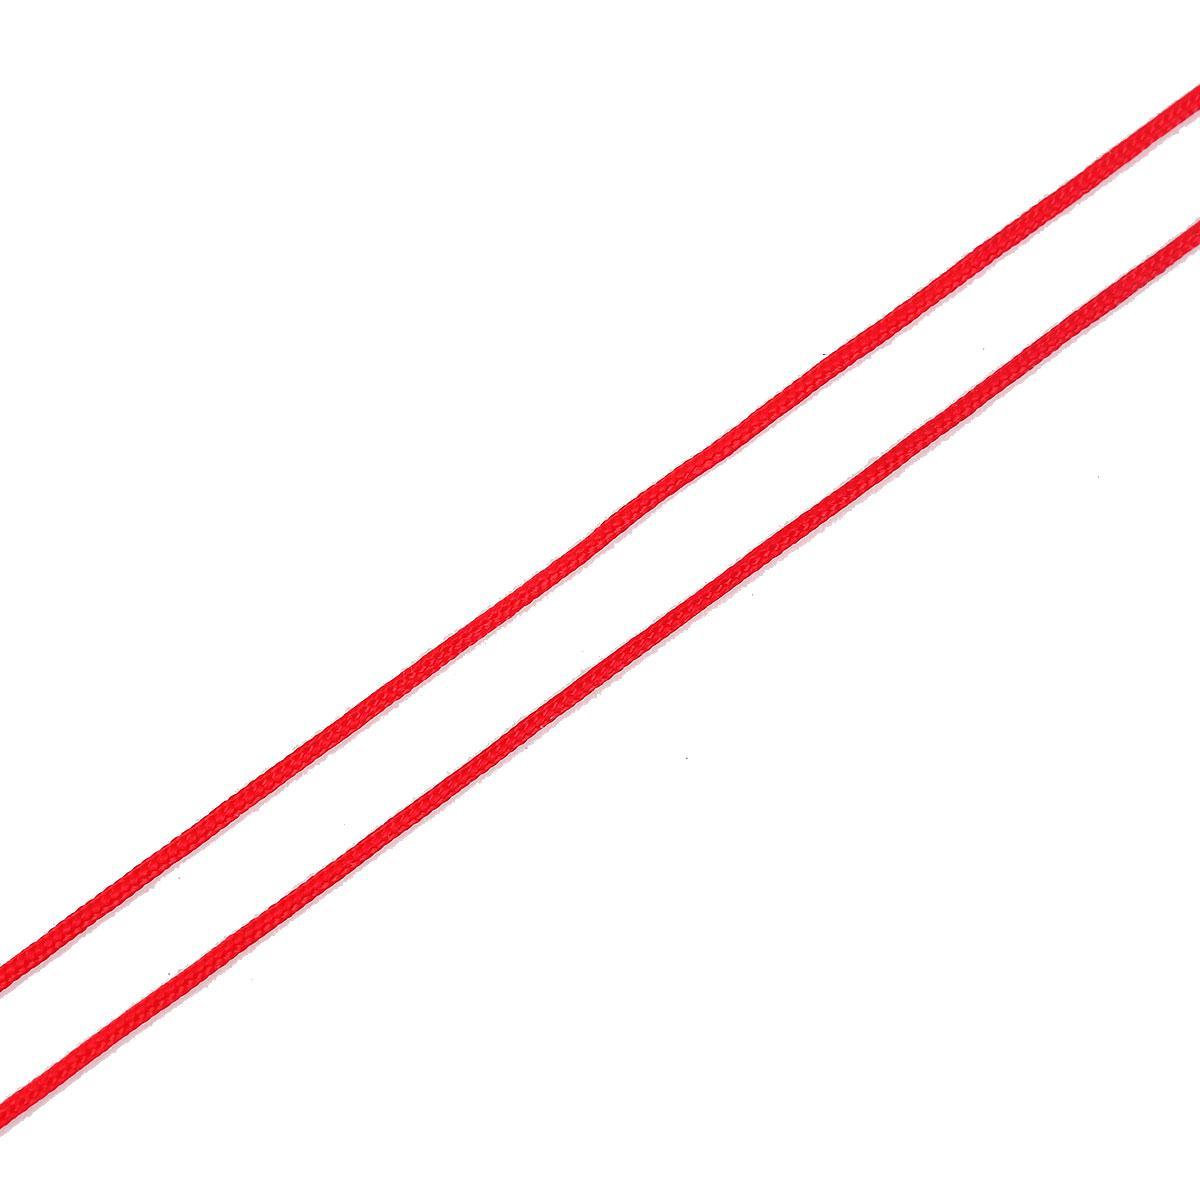 Мотузка, Шнур, Нитка, Червоний, Поліестер, 1.0 мм